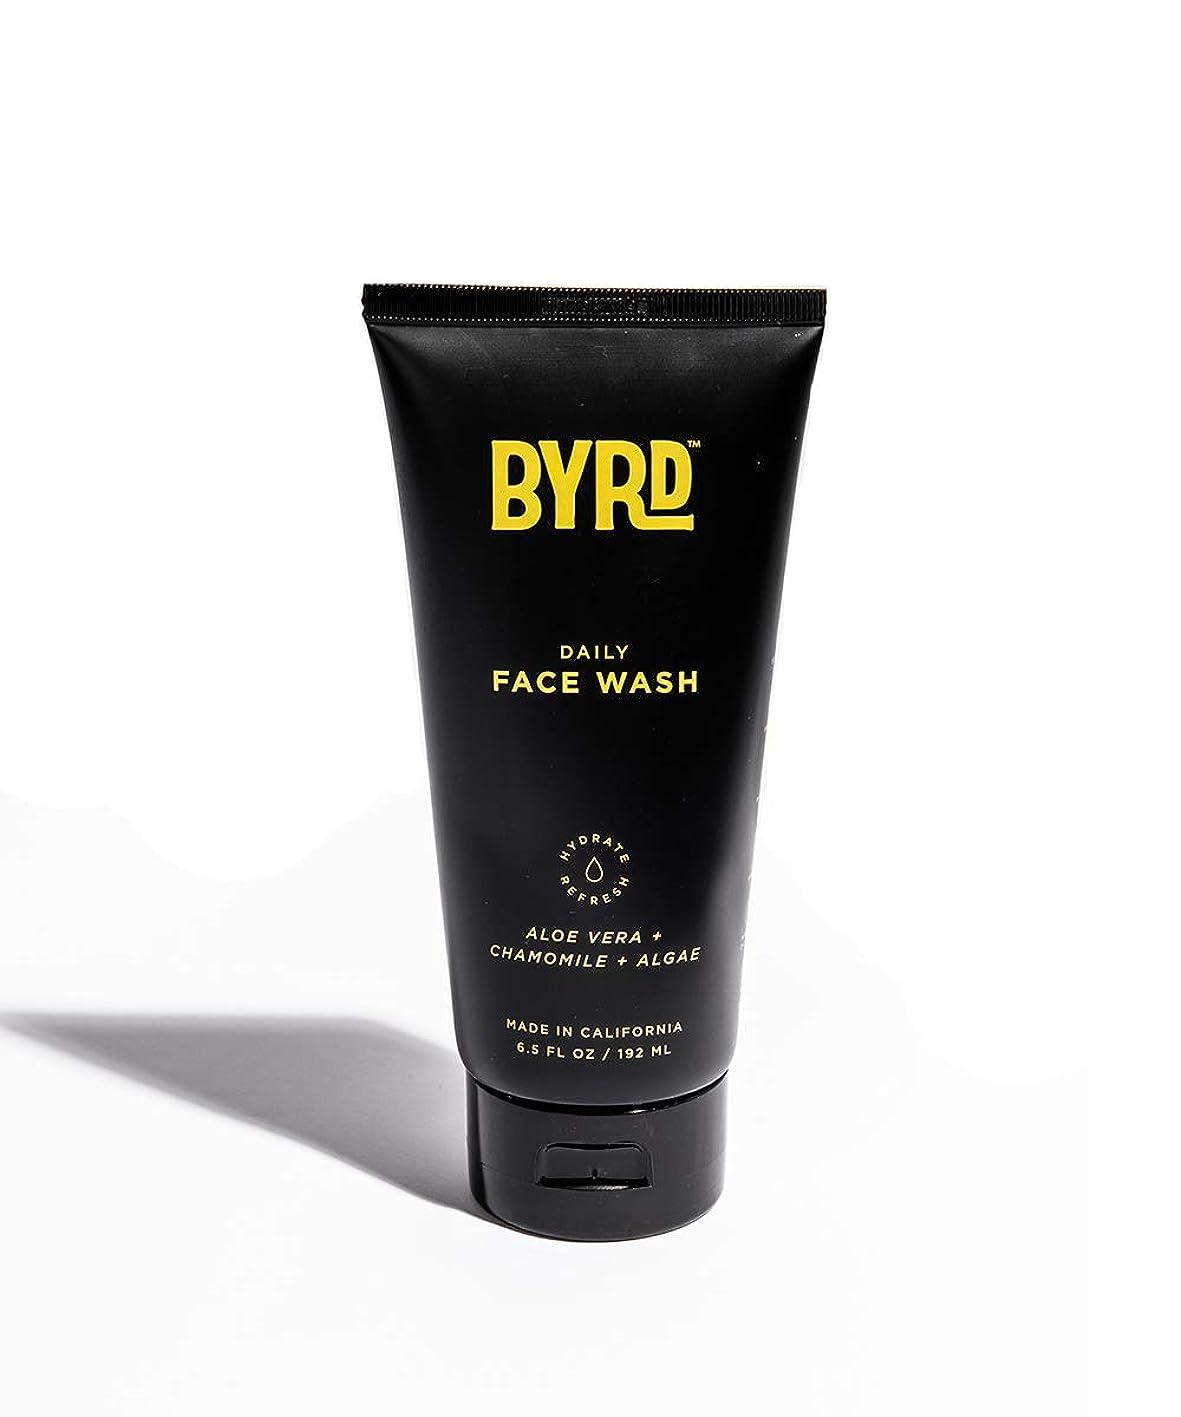 夫気質首相BYRD/フェイスウォッシュ メンズコスメ 洗顔 天然成分 スッキリ さっぱり